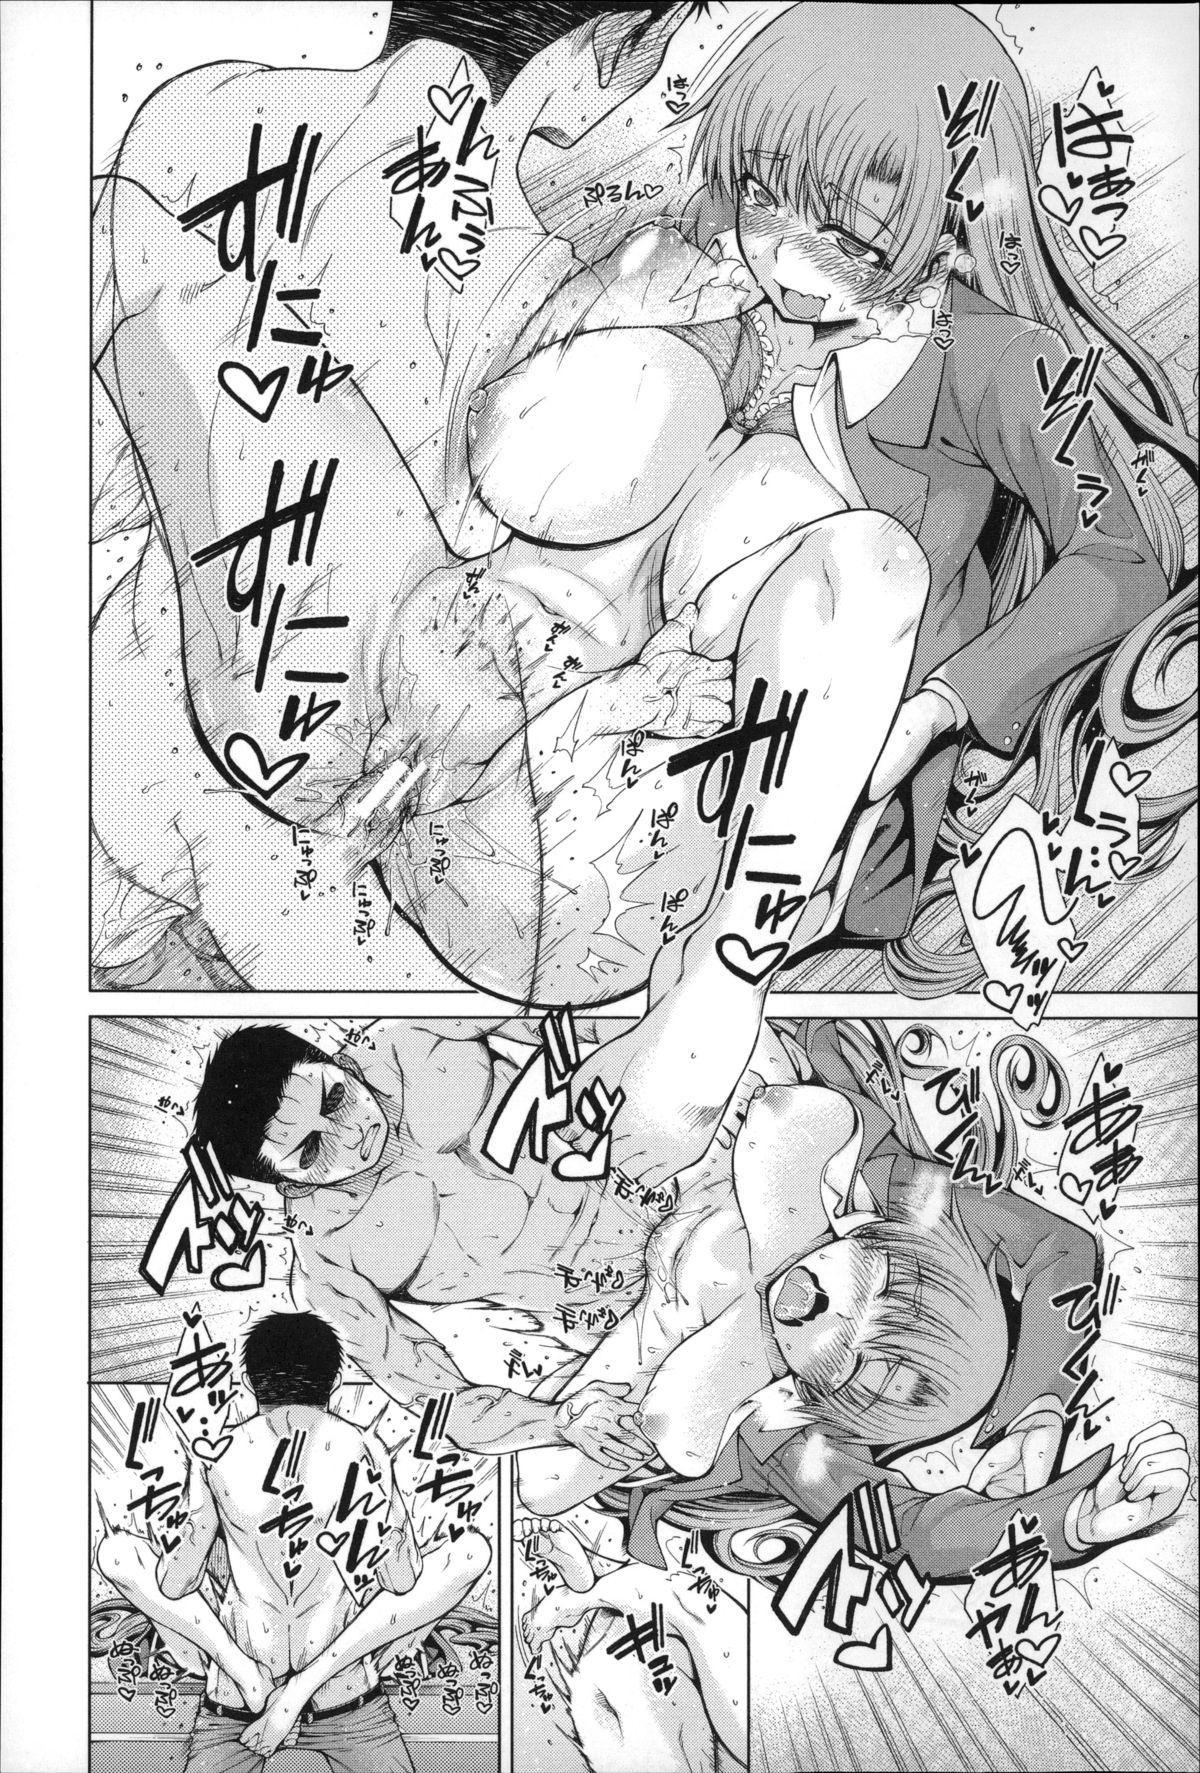 Migite ga Bishoujo ni Natta kara Sex Shita kedo Doutei dayone!! 178